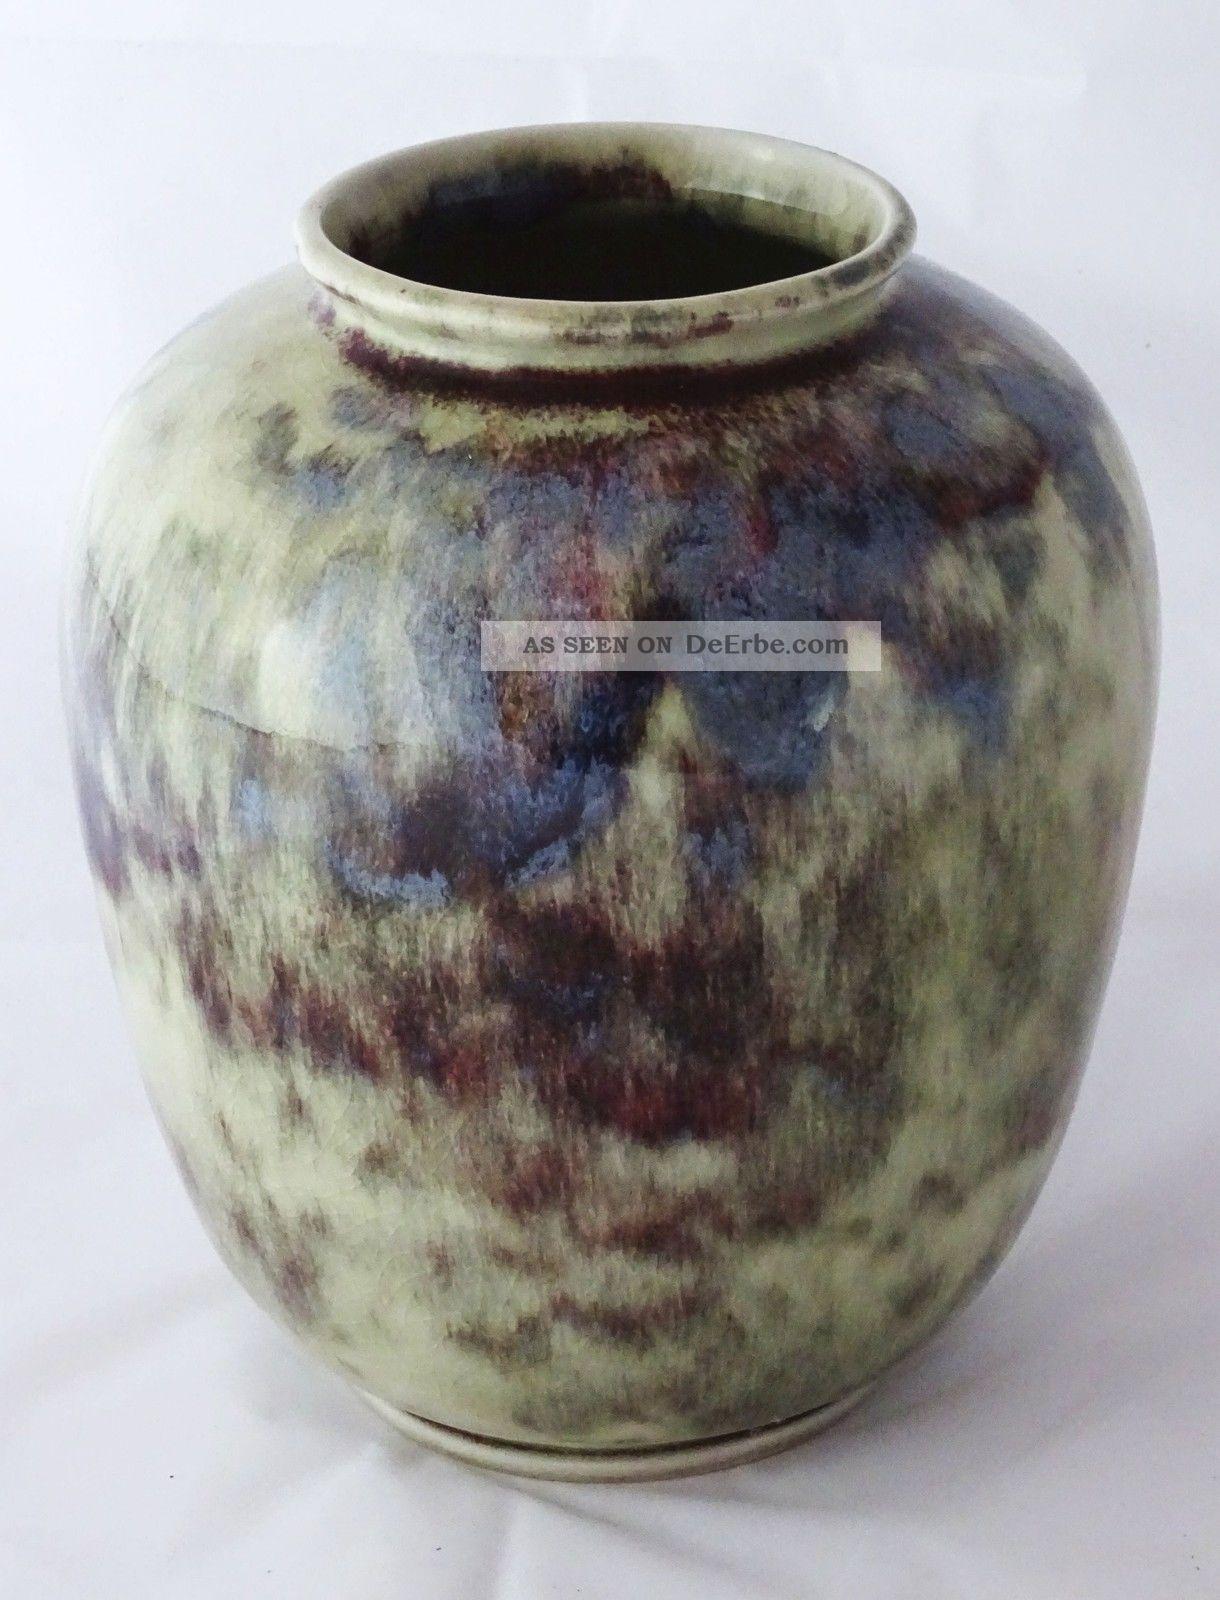 Wmf Ochsenblut Keramik Vase Art Déco Entwurf Gerda Conitz Konitz 1920-1949, Art Déco Bild